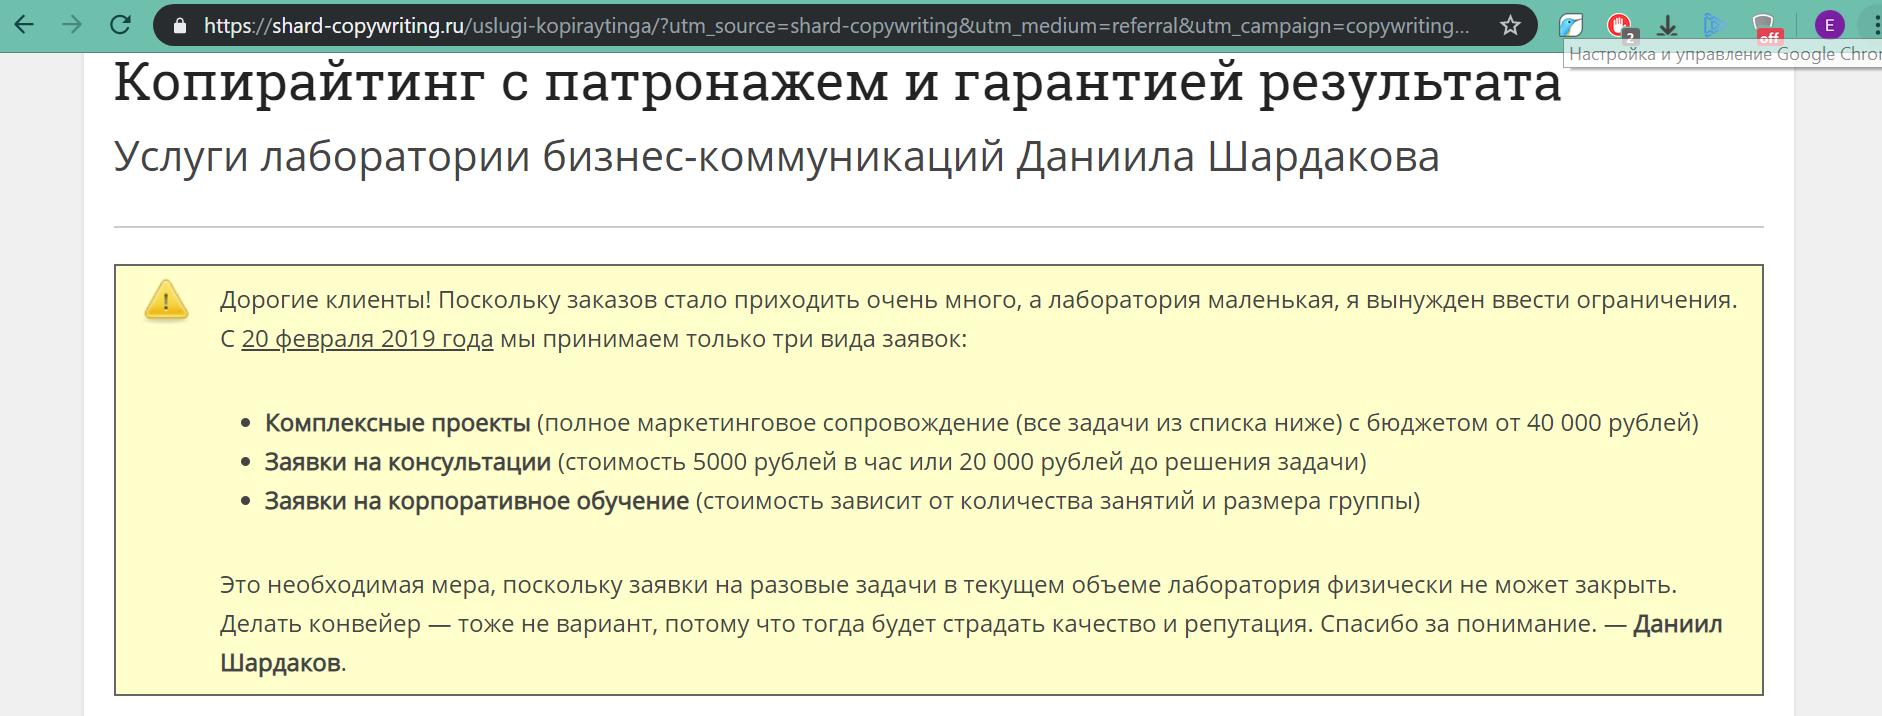 Скрин сайта Шардакова